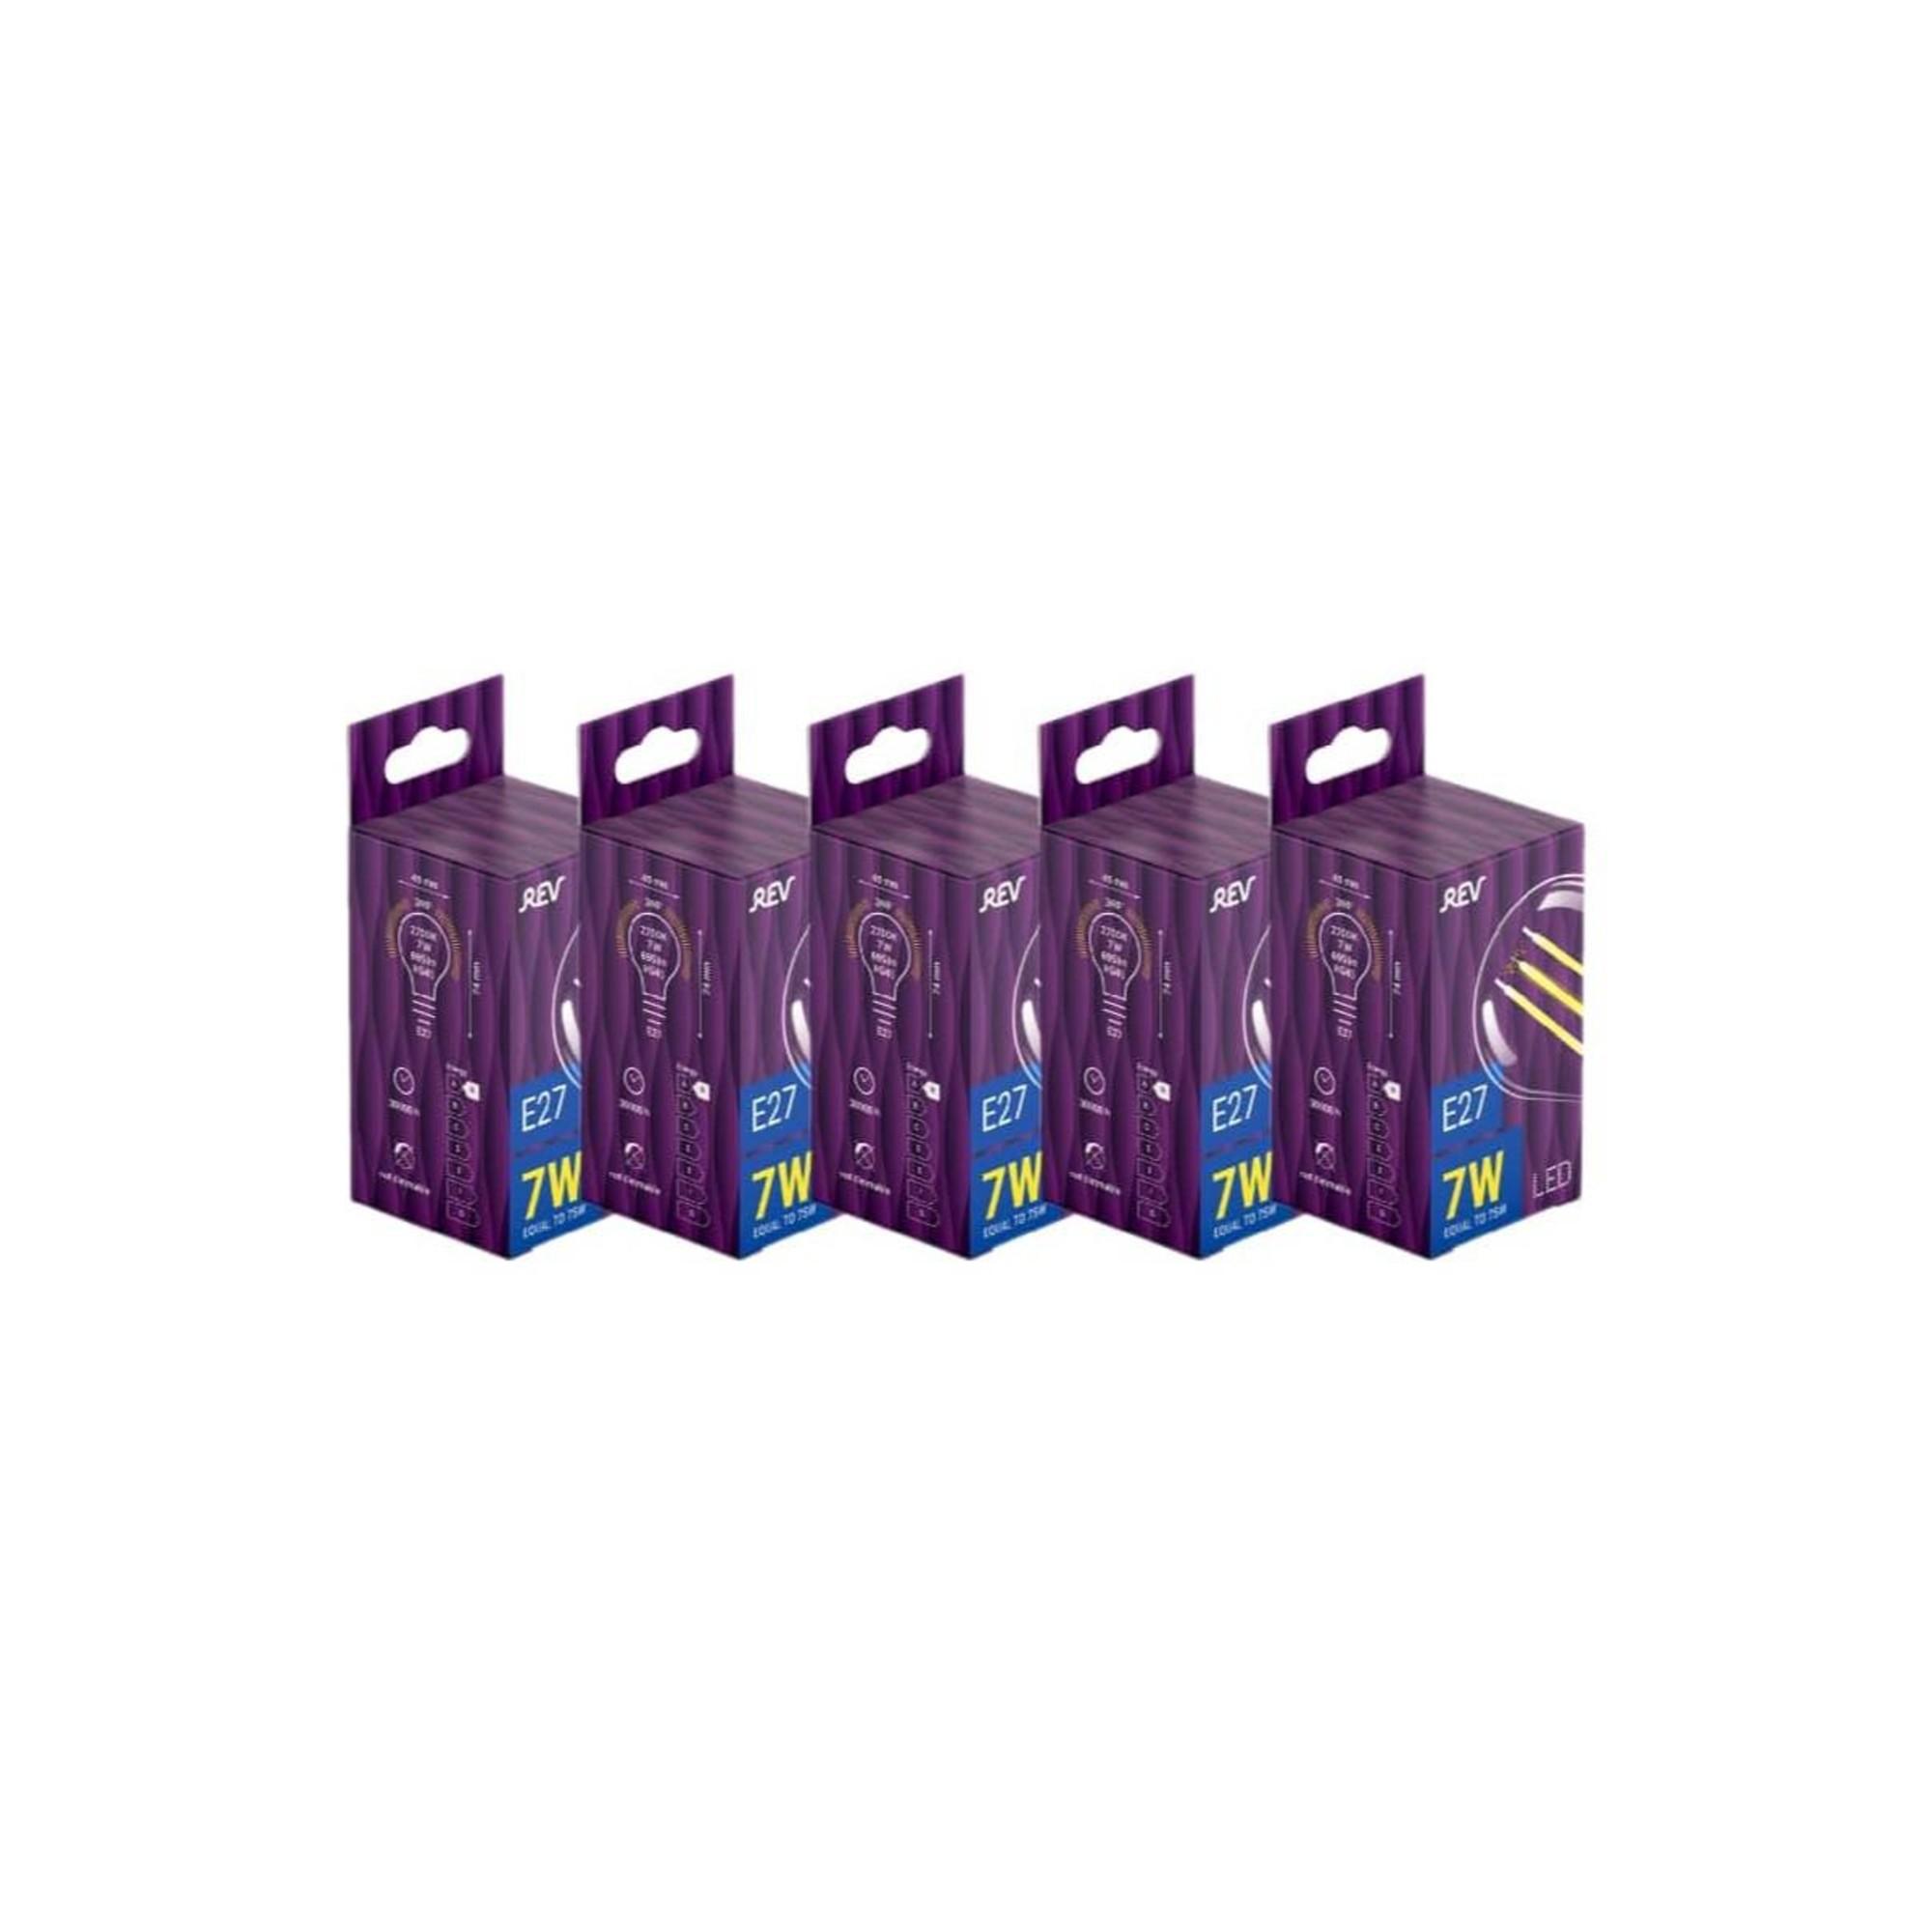 Лампа светодиодная (комплект 5 шт.) REV FILAMENT G45 E27 7W 2700K DECO Premium 32443 0